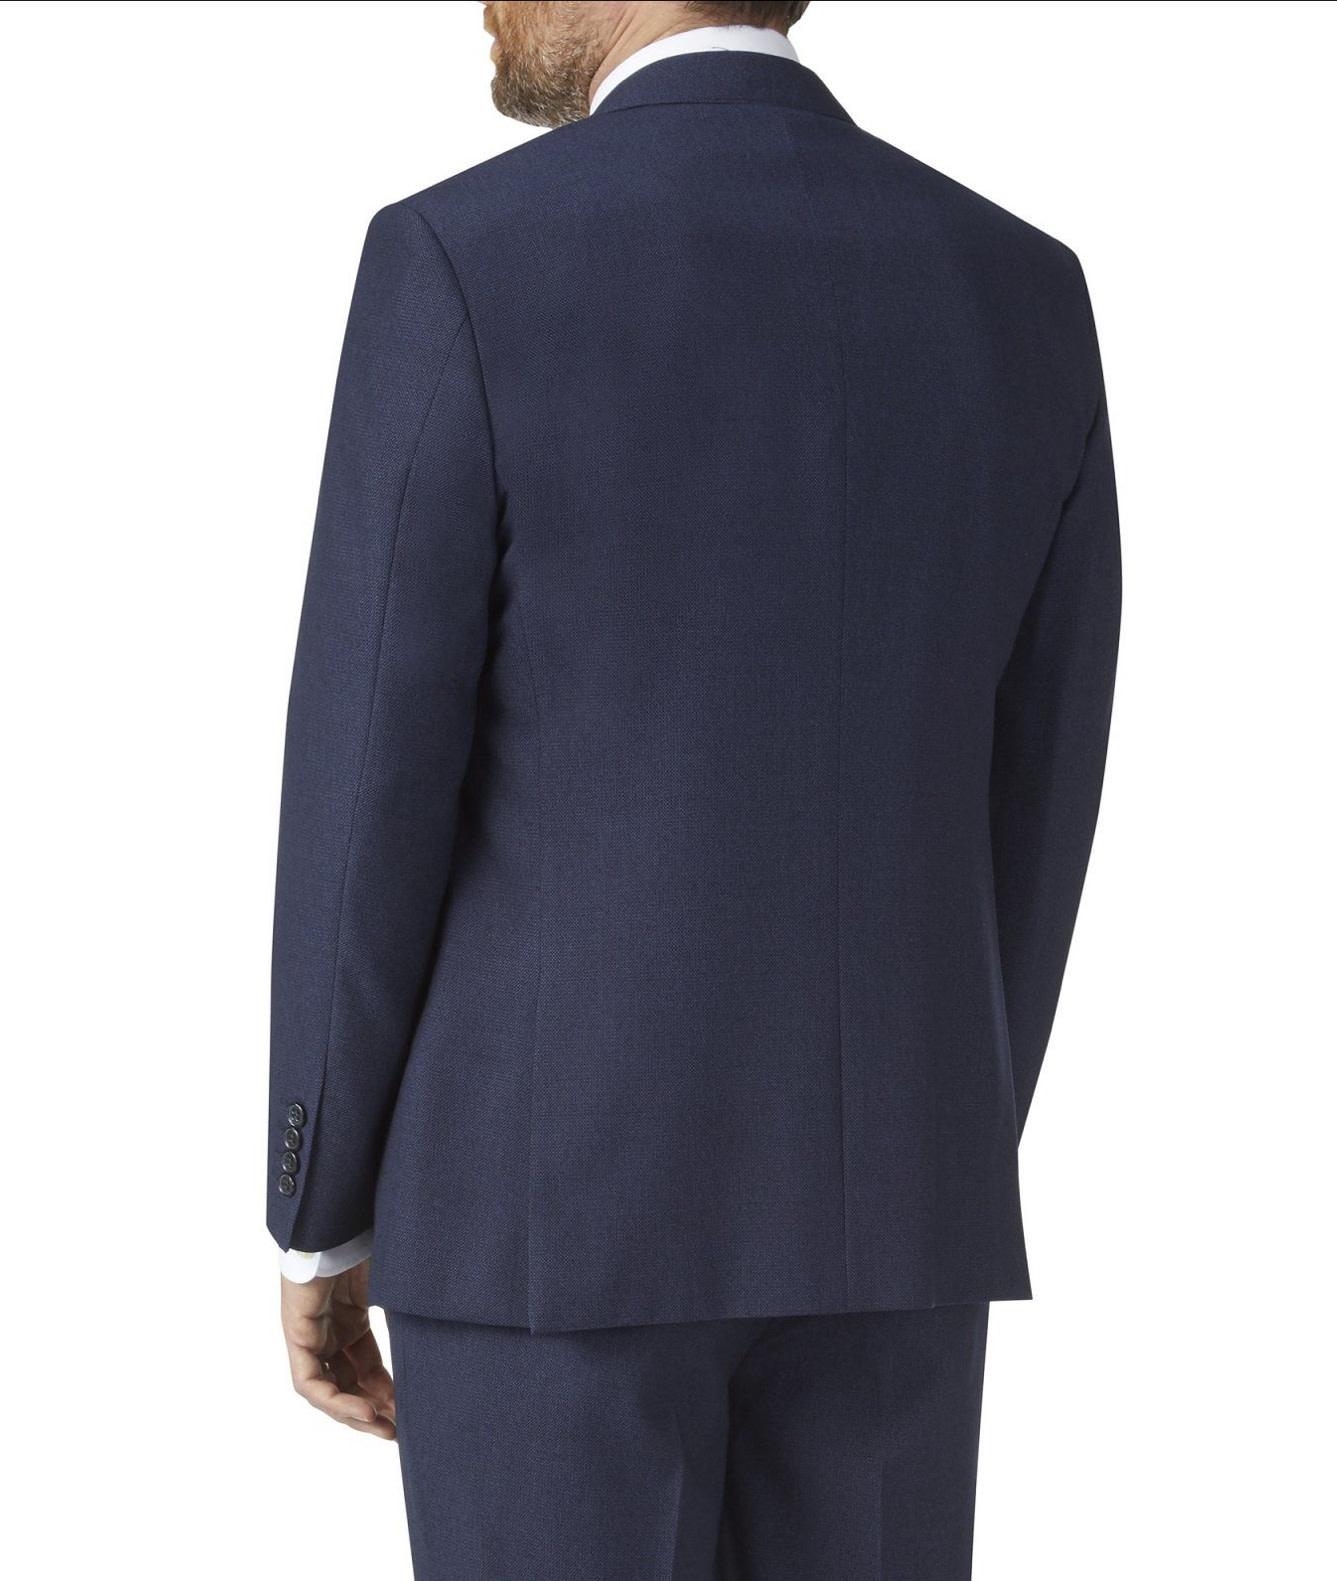 skopes Harcourt suit.